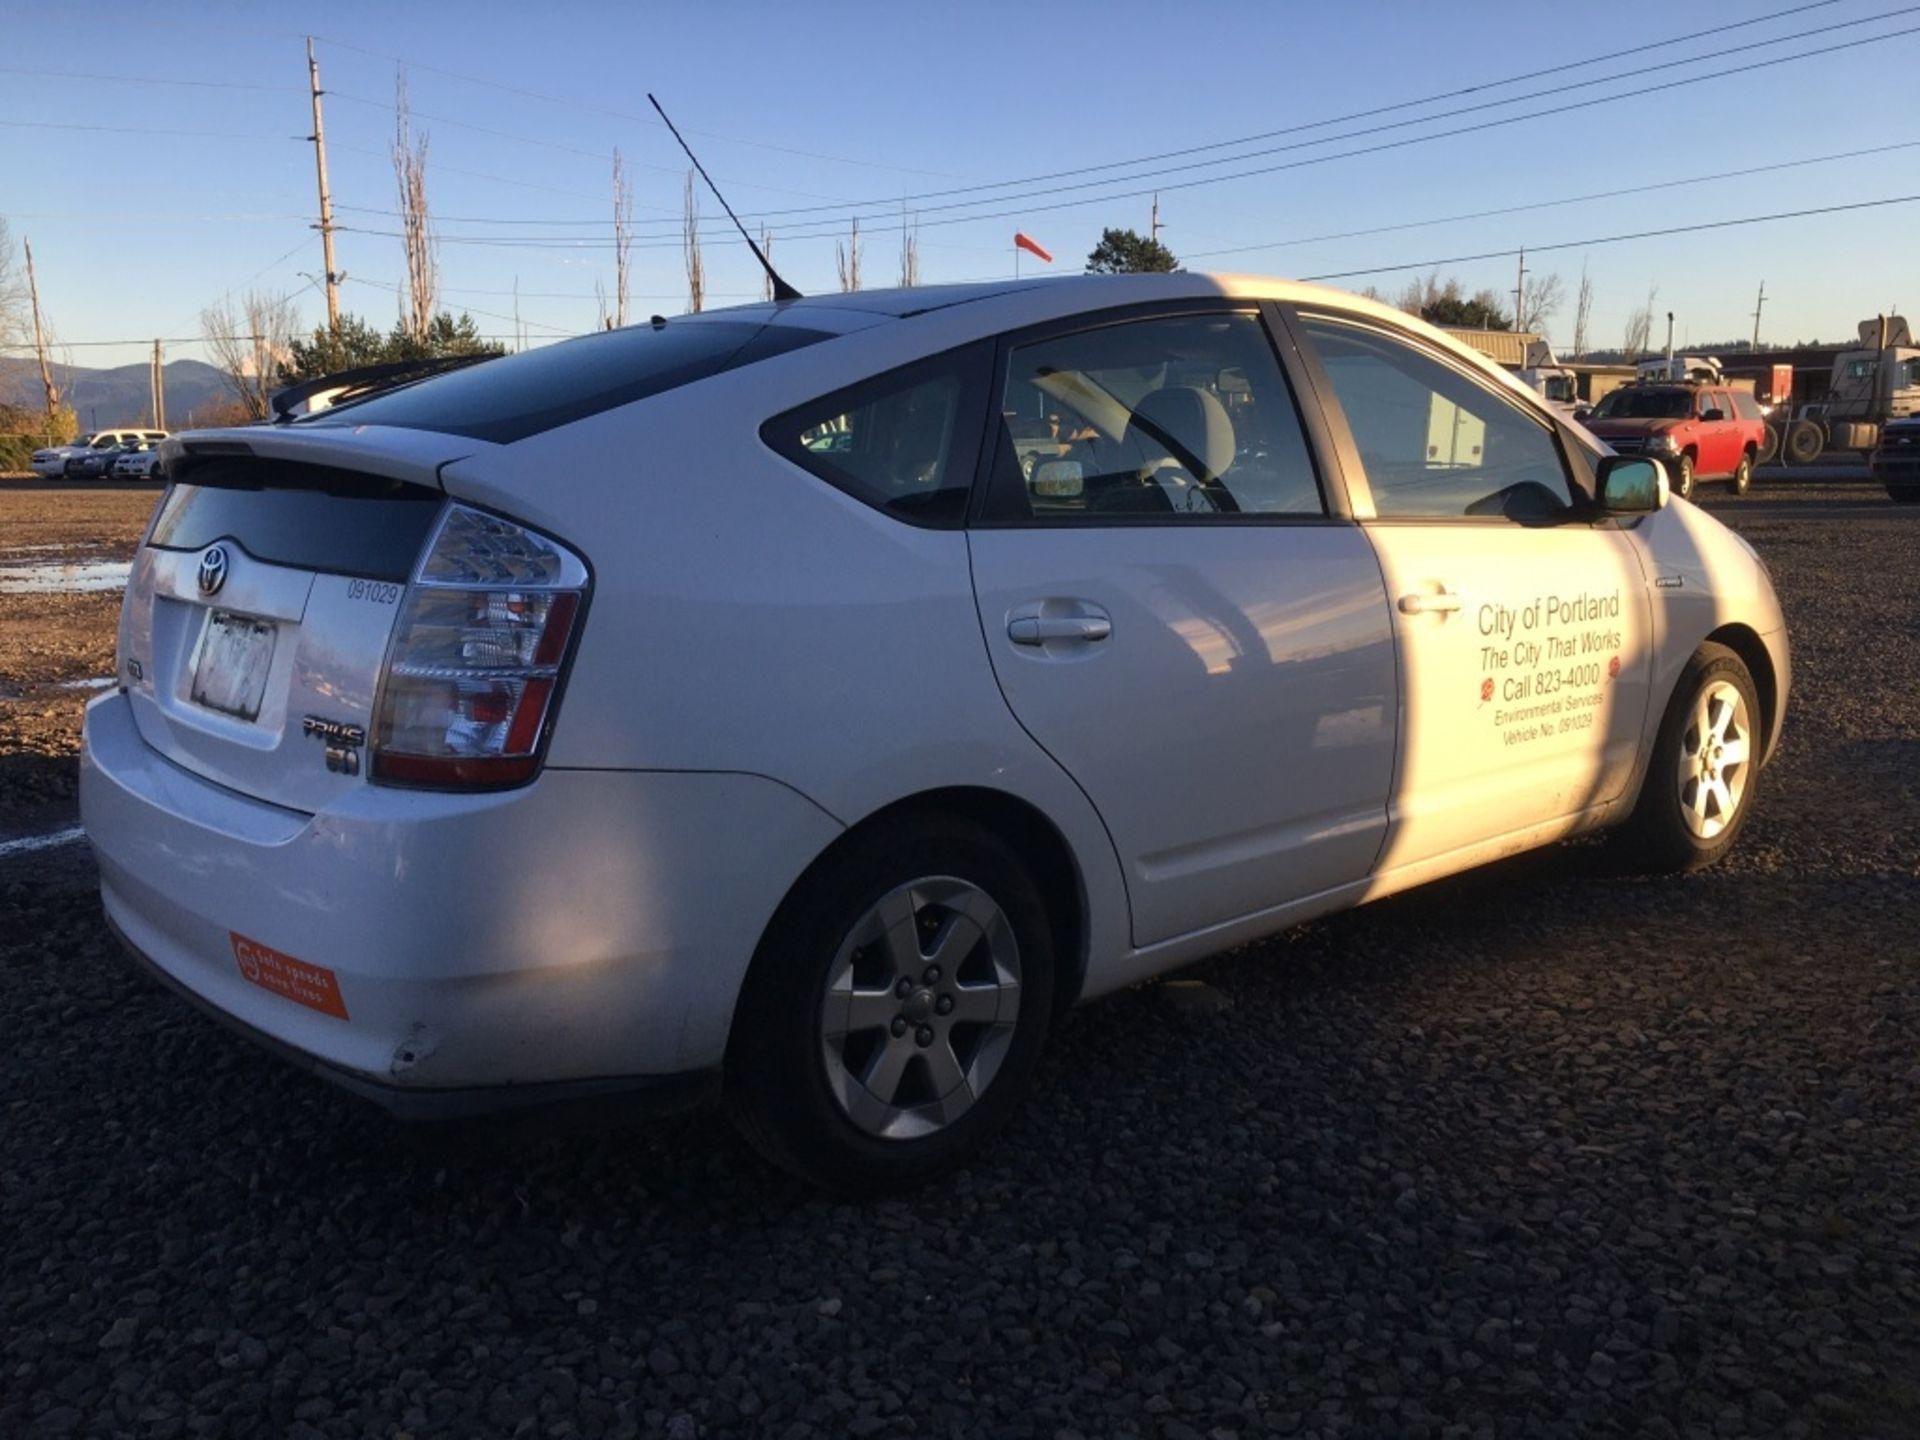 2009 Toyota Prius Sedan - Image 3 of 18